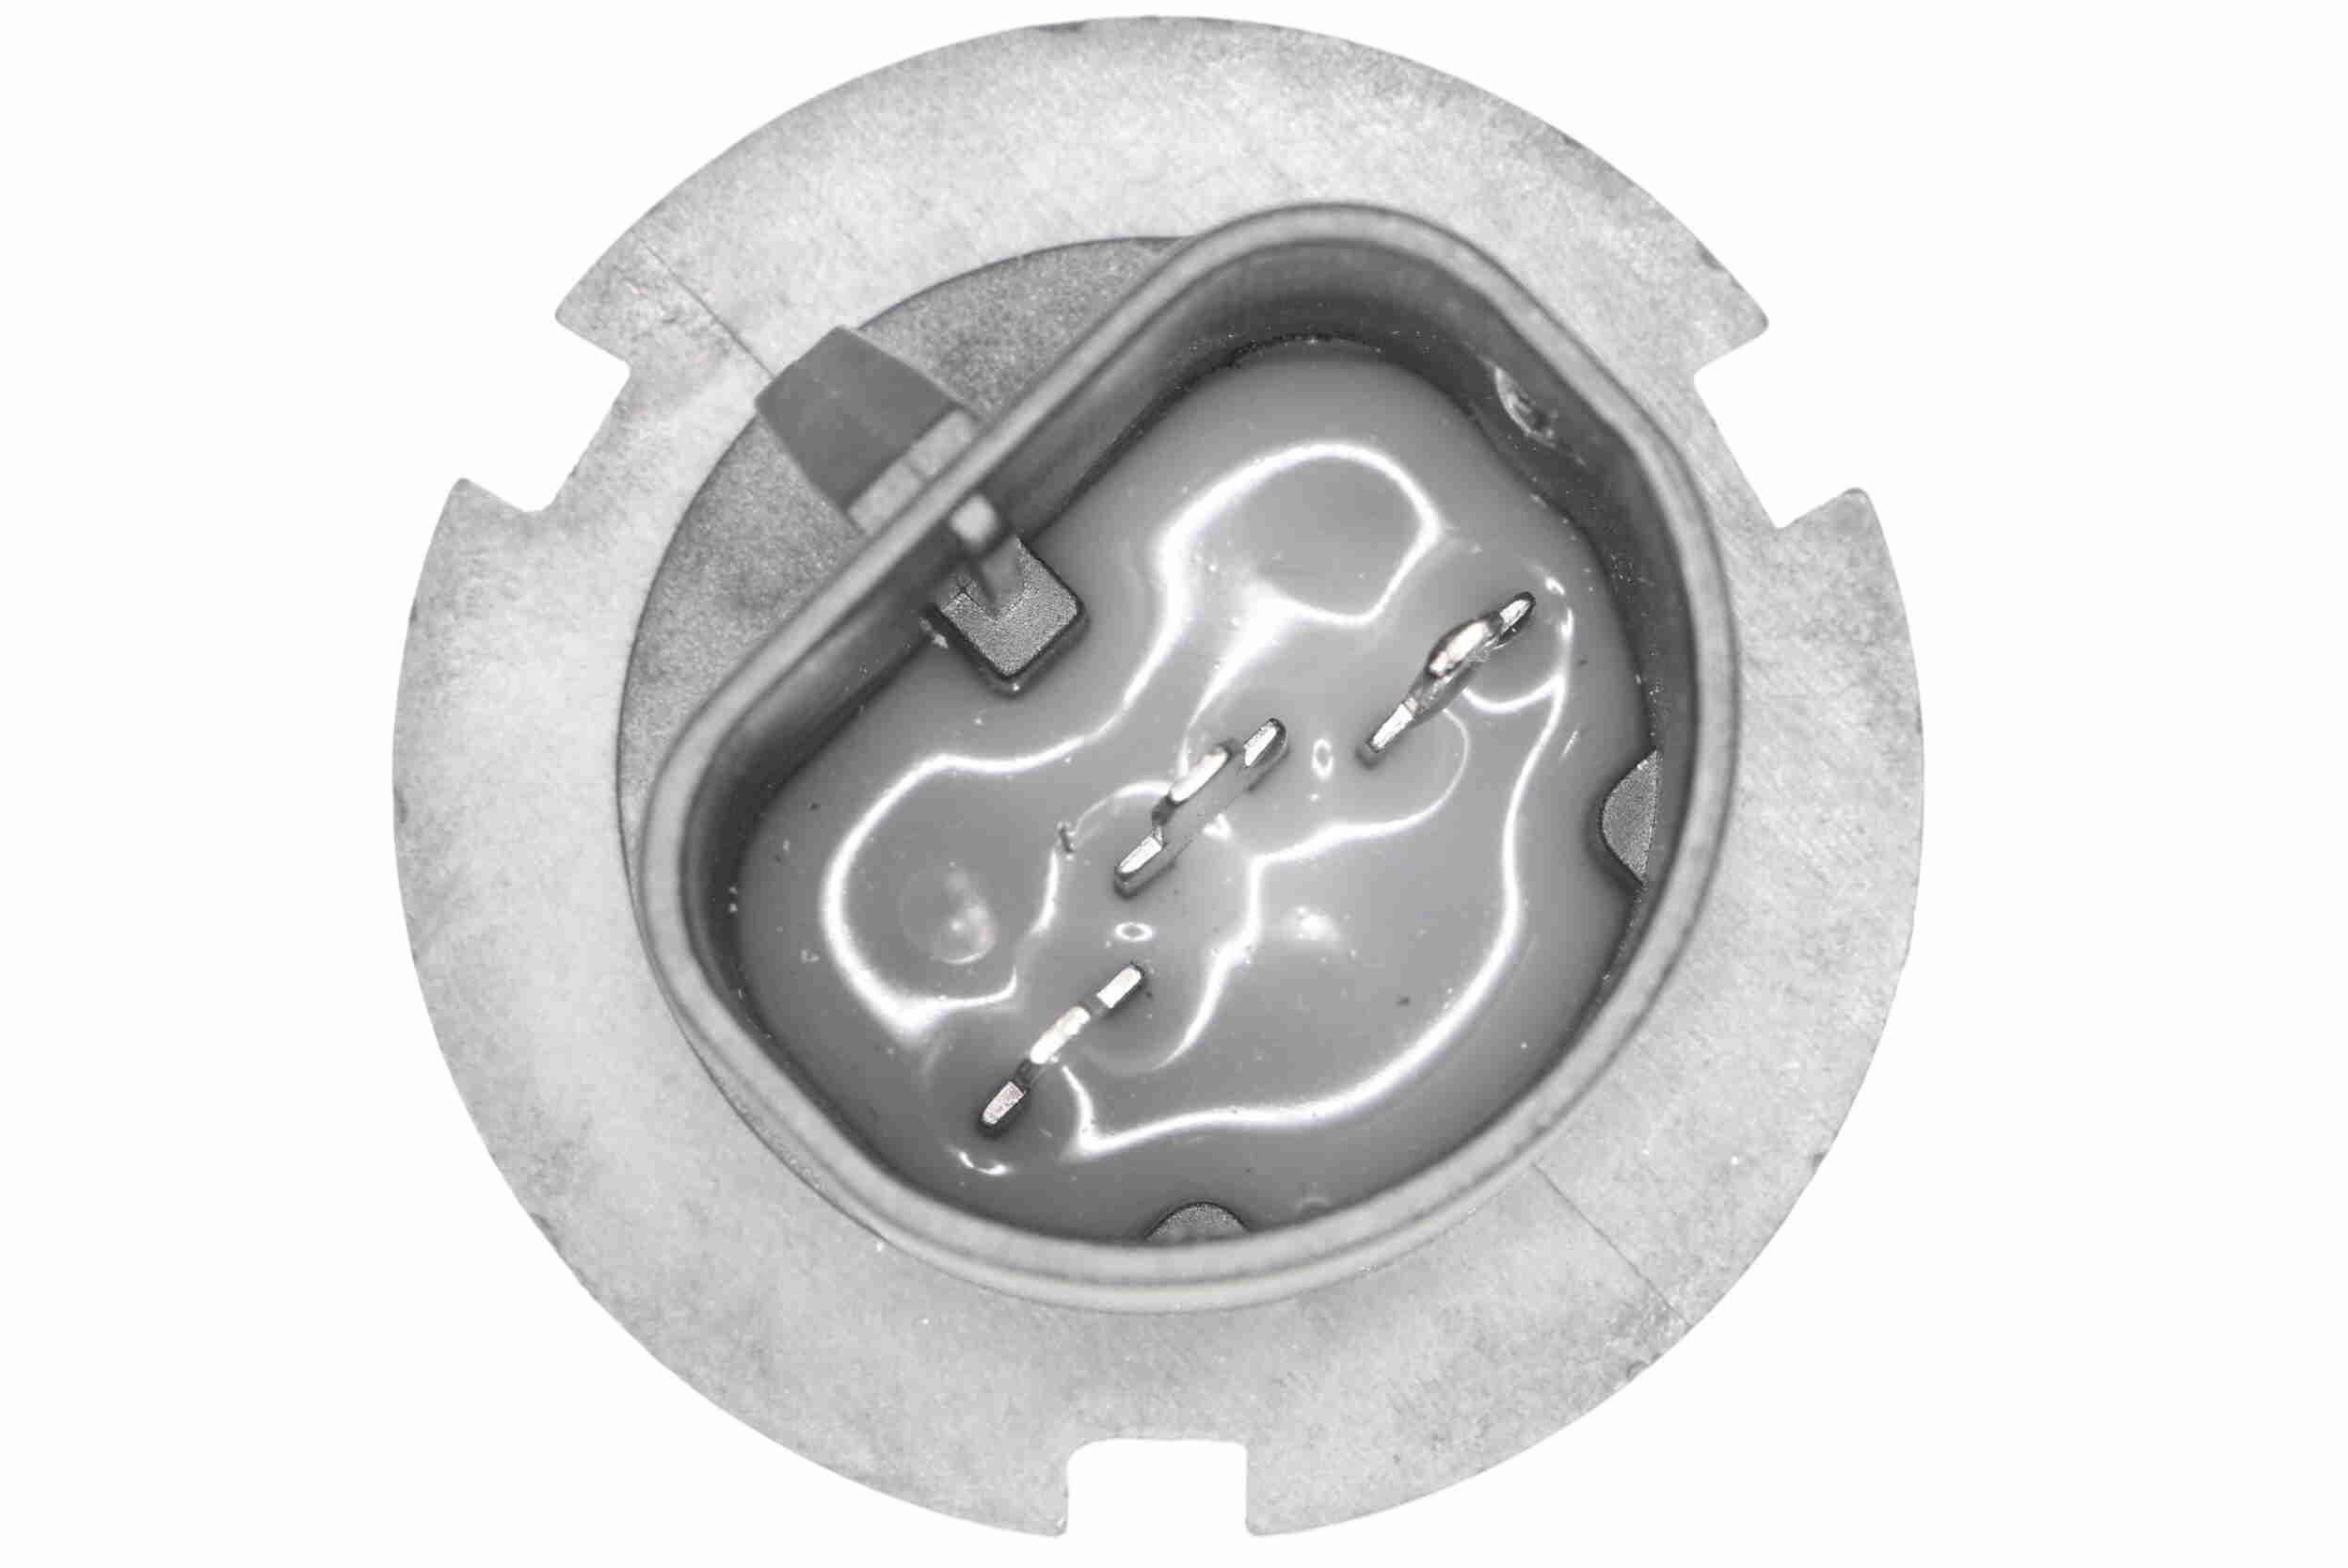 VEMO V99-84-0084 EAN:4046001885464 online store